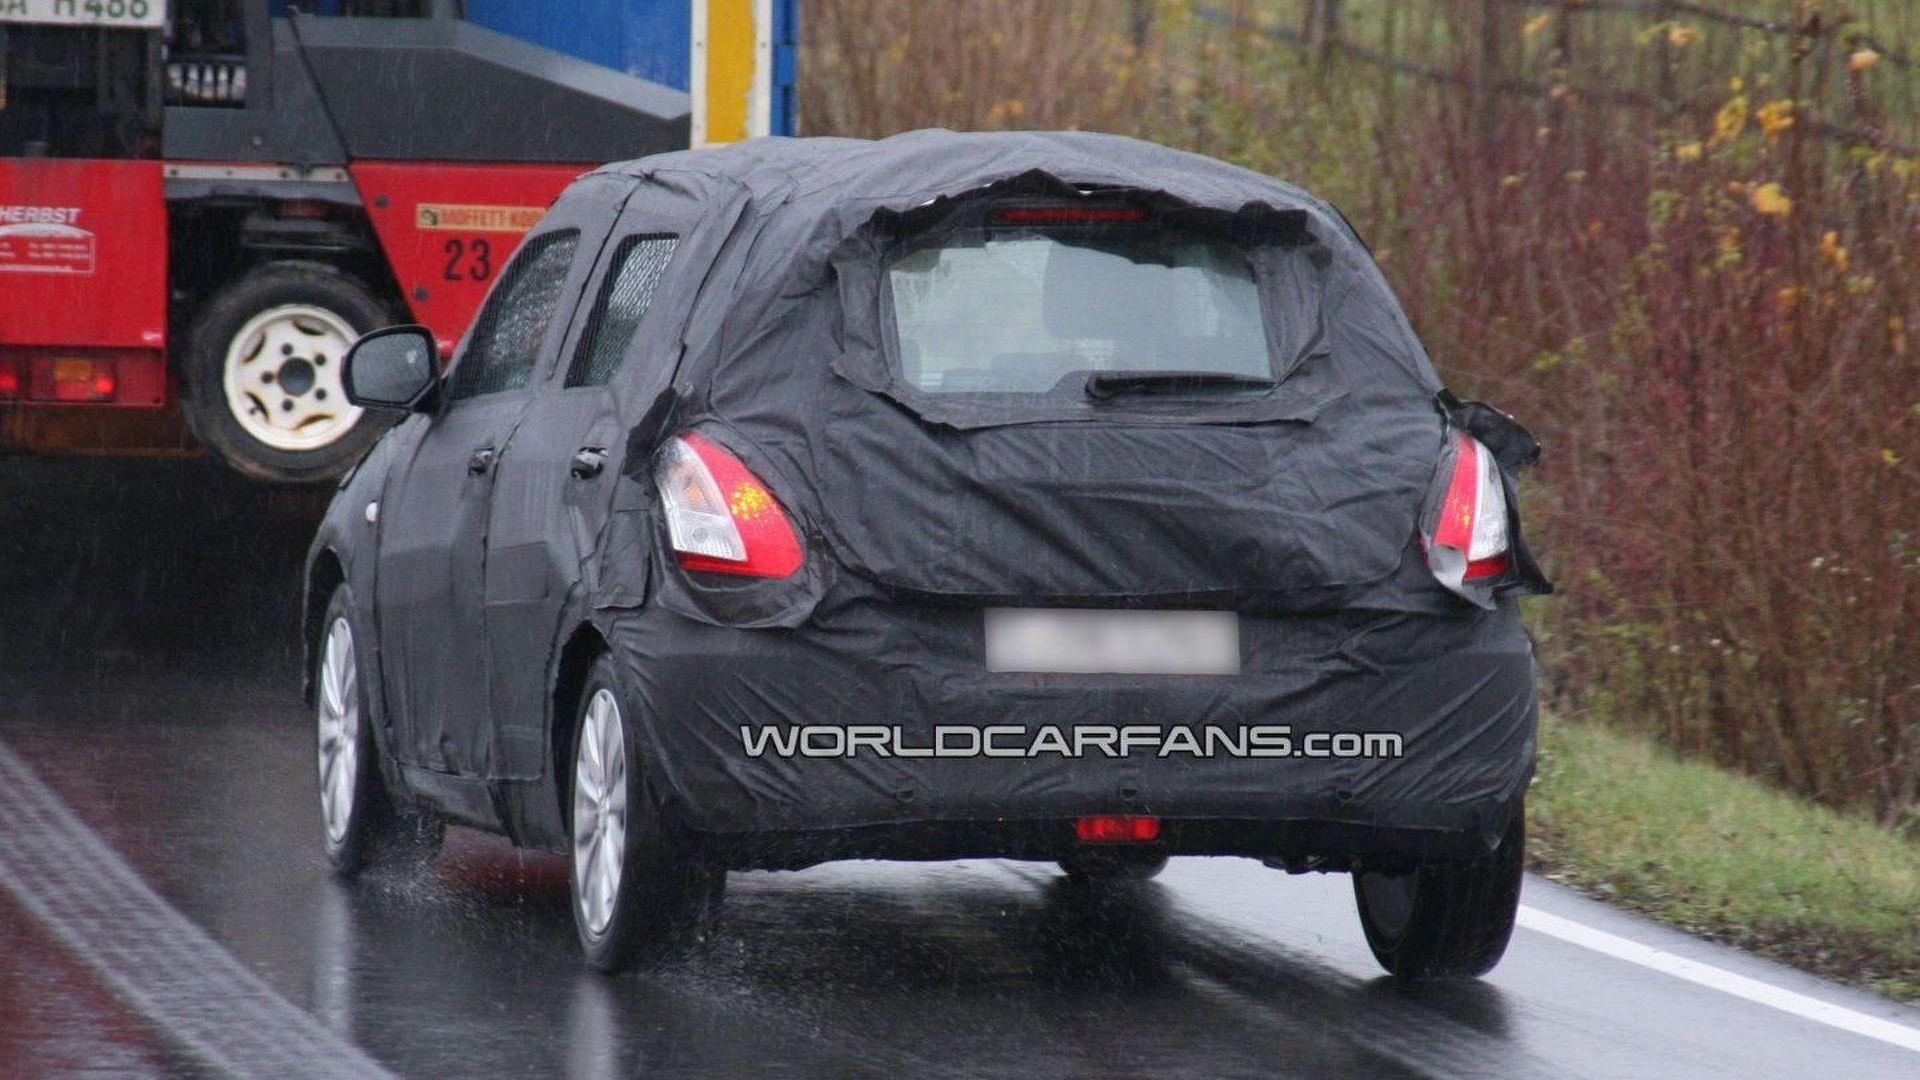 2011 Suzuki Swift Latest Spy Photos in Germany